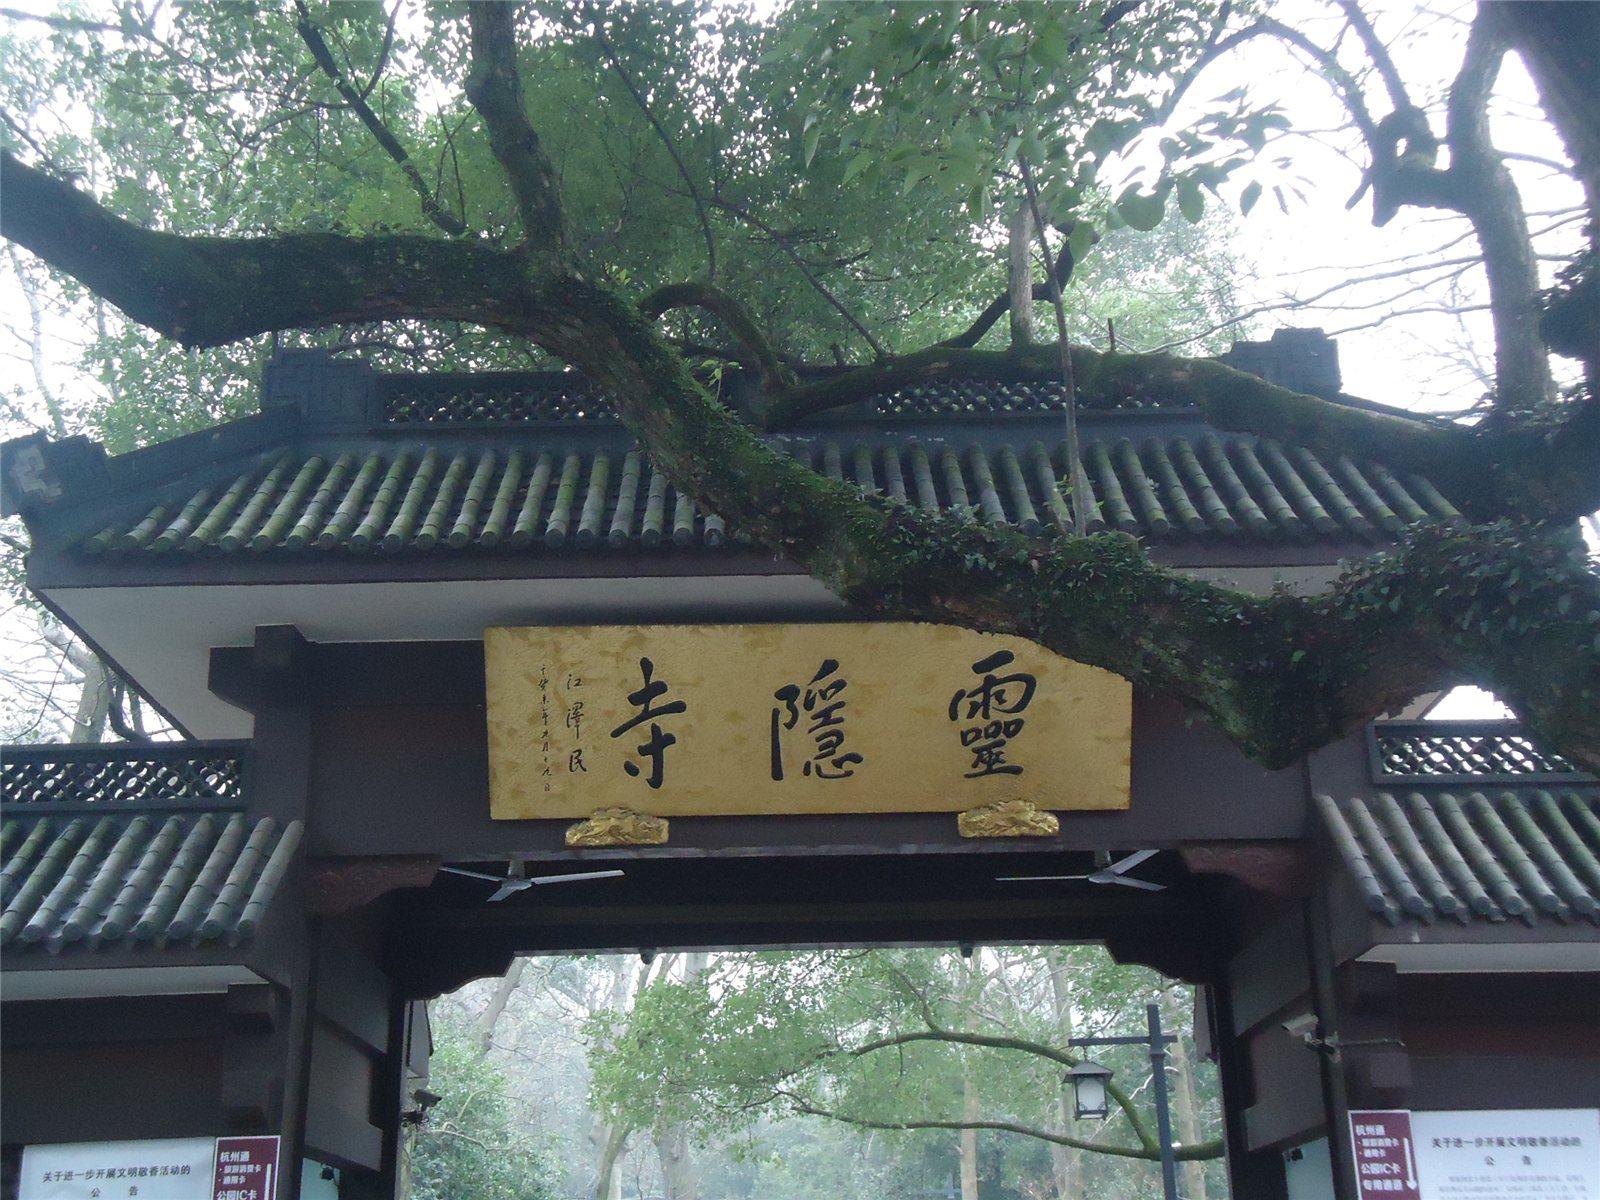 杭州2014.3.3论坛图片